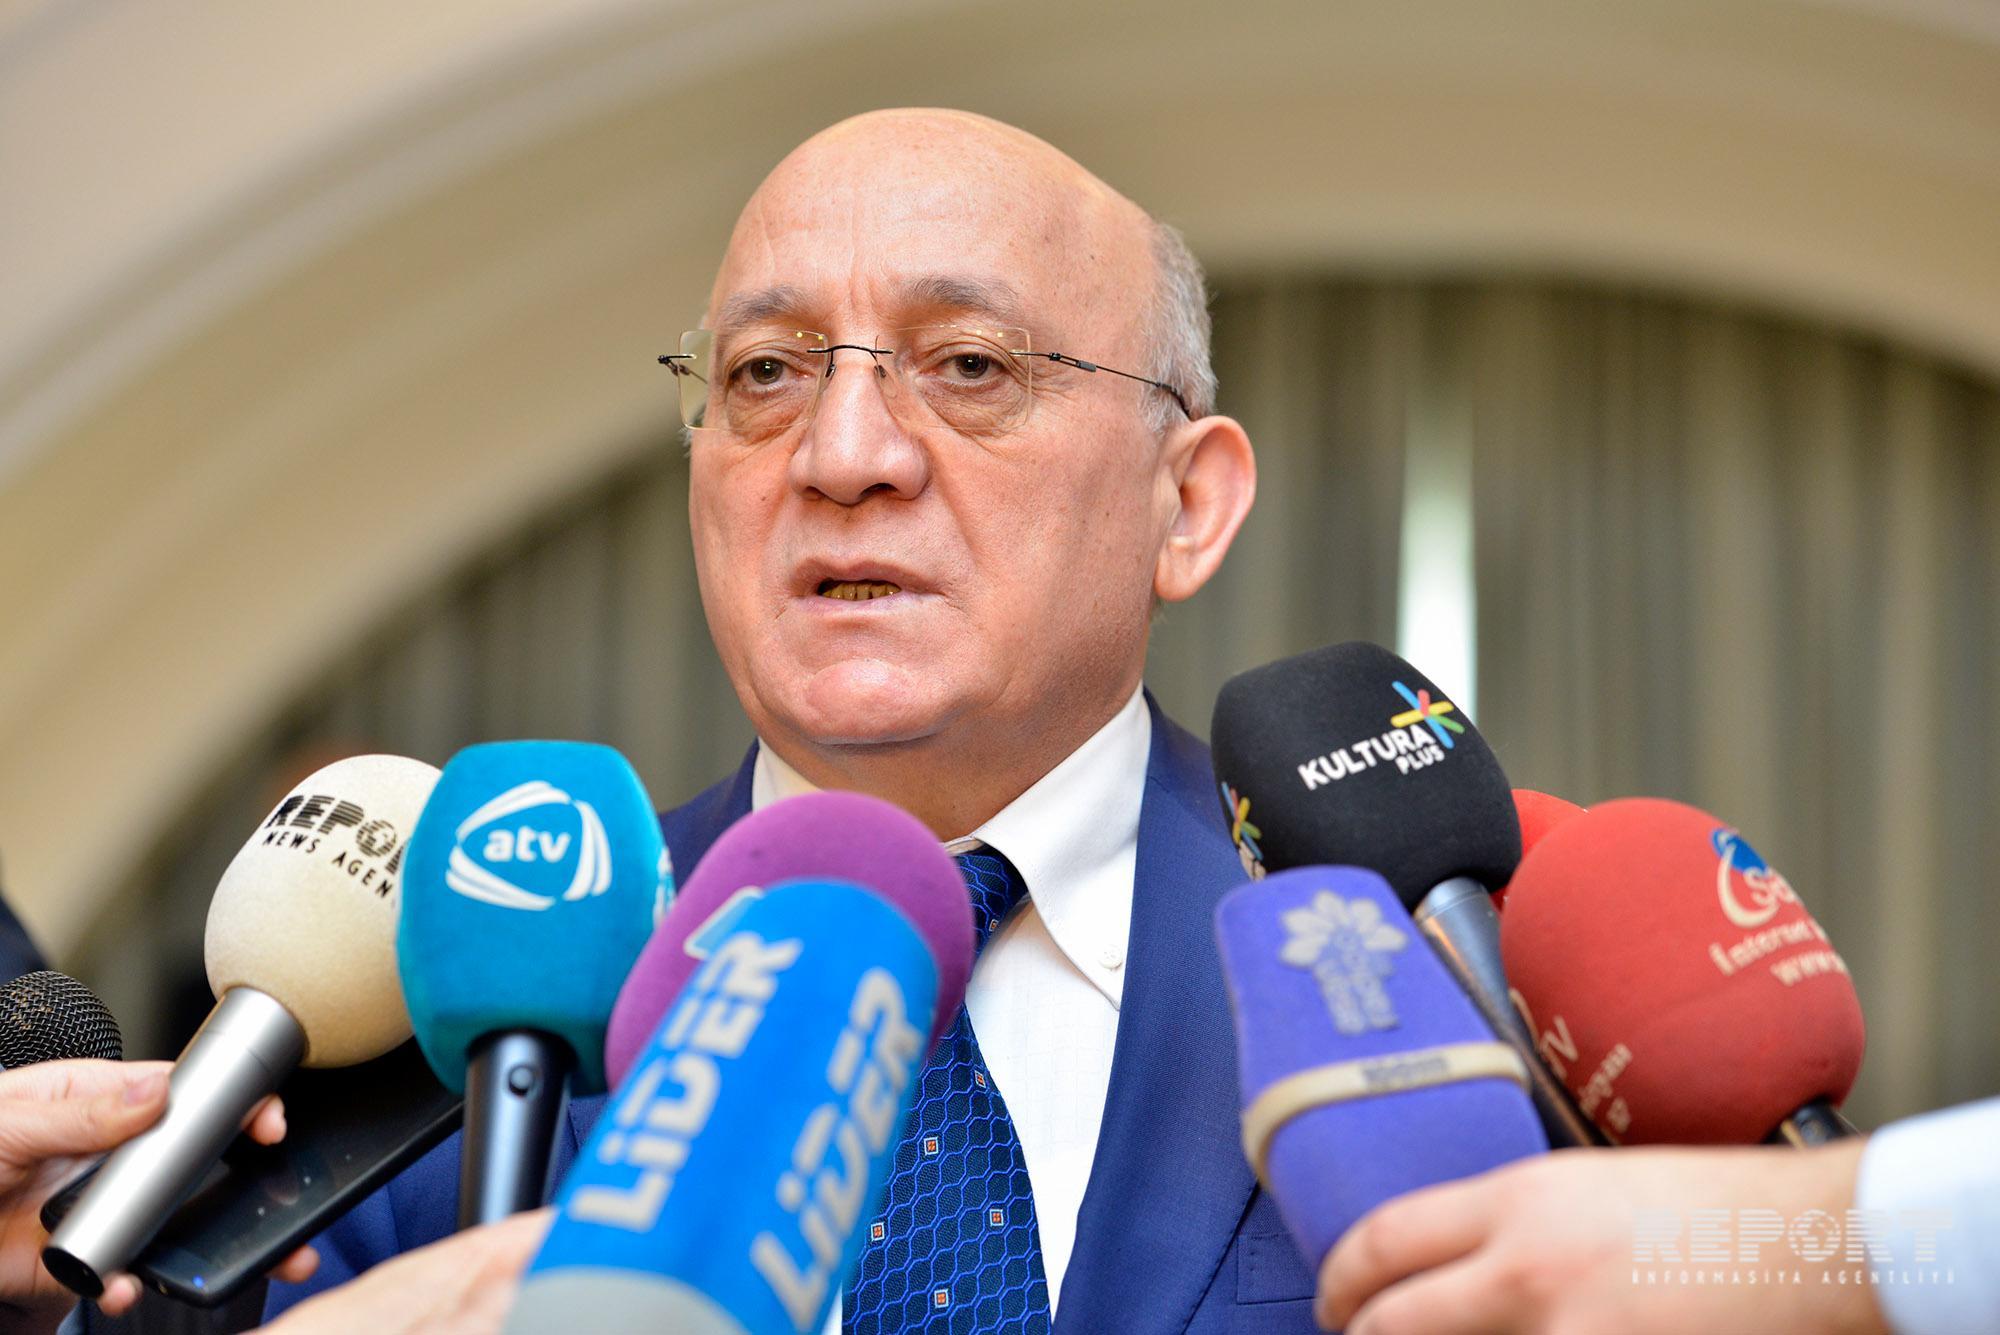 Мубариз Гурбанлы прокомментировал вопрос о неоказании помощи религиозным структурам согласно Положению Госкомитета